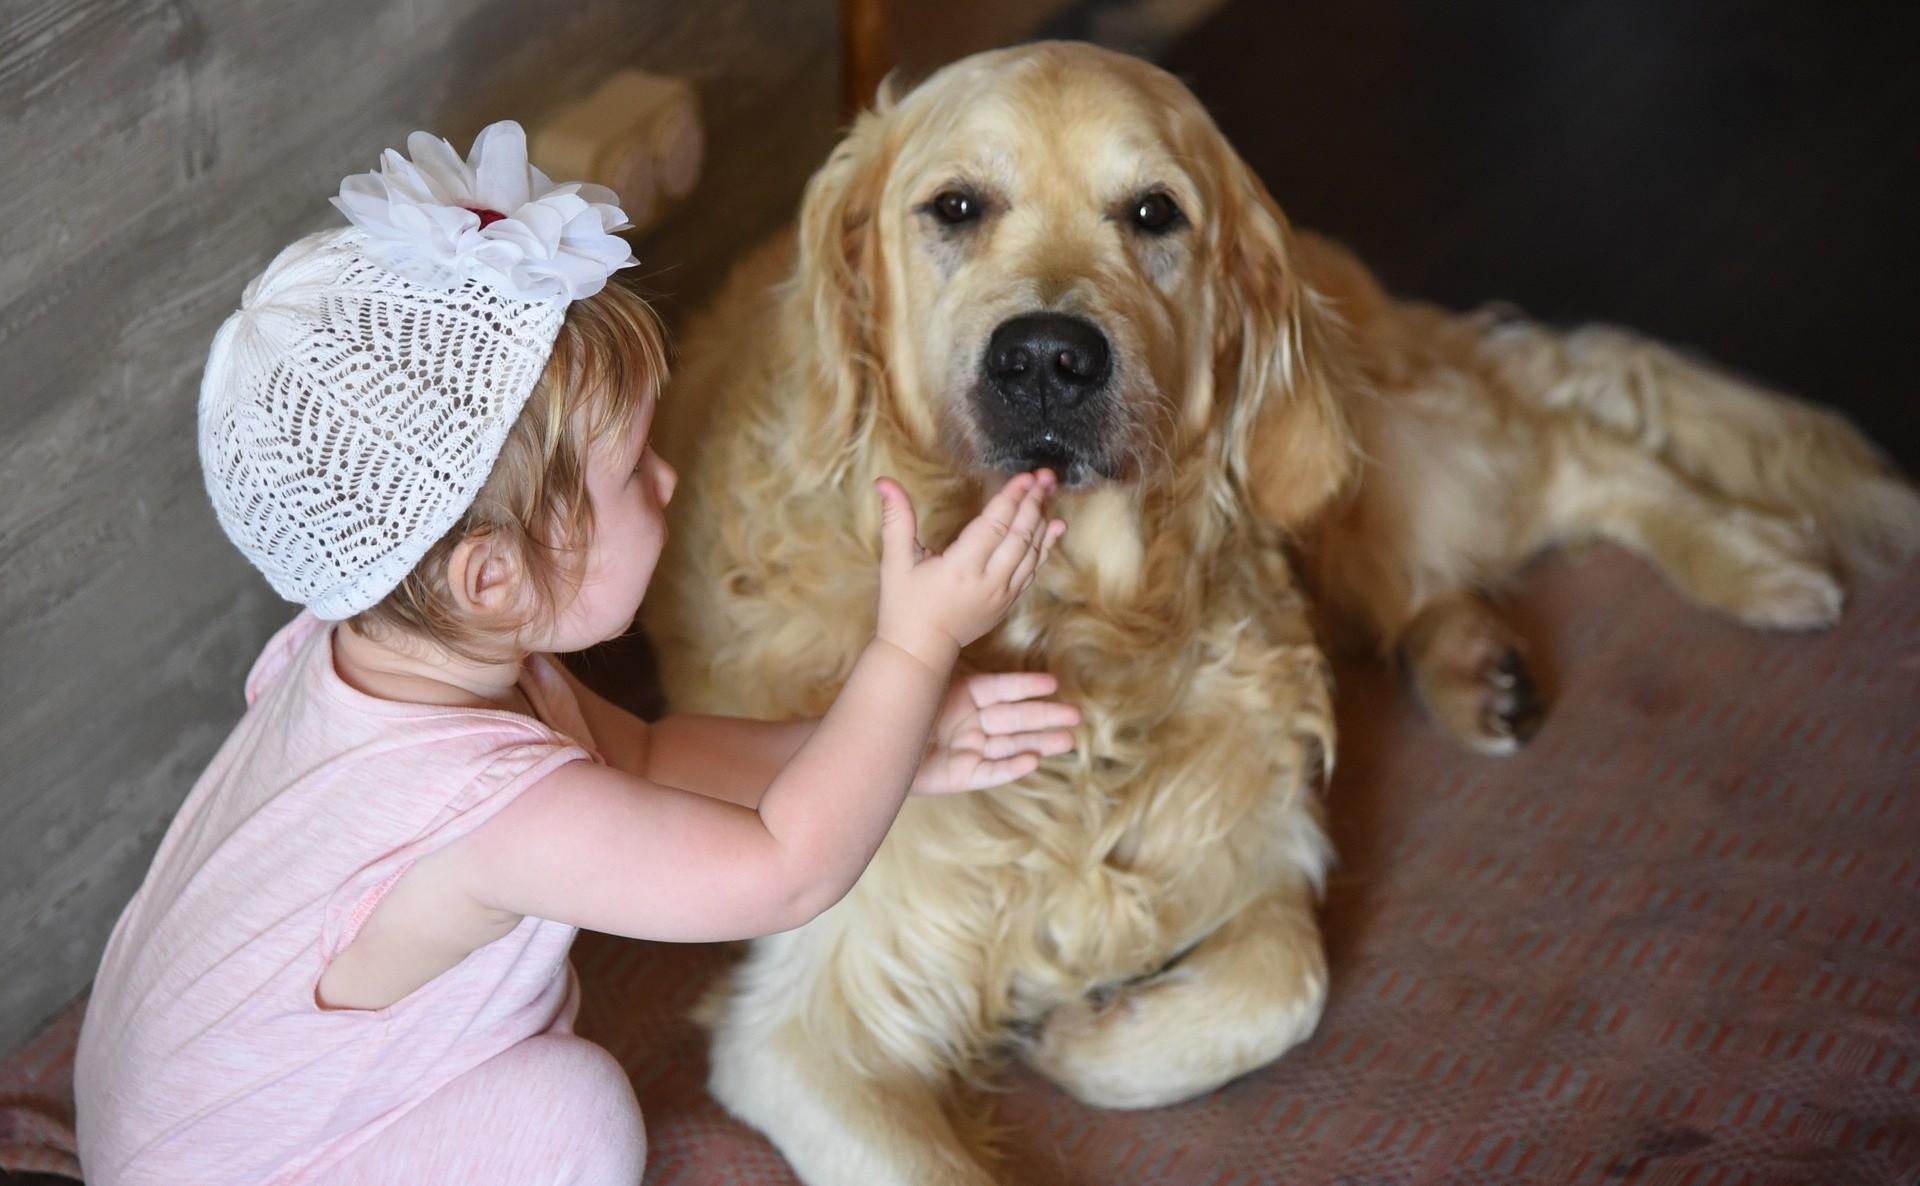 Заводим собаку для ребенка: 14 правил безопасности